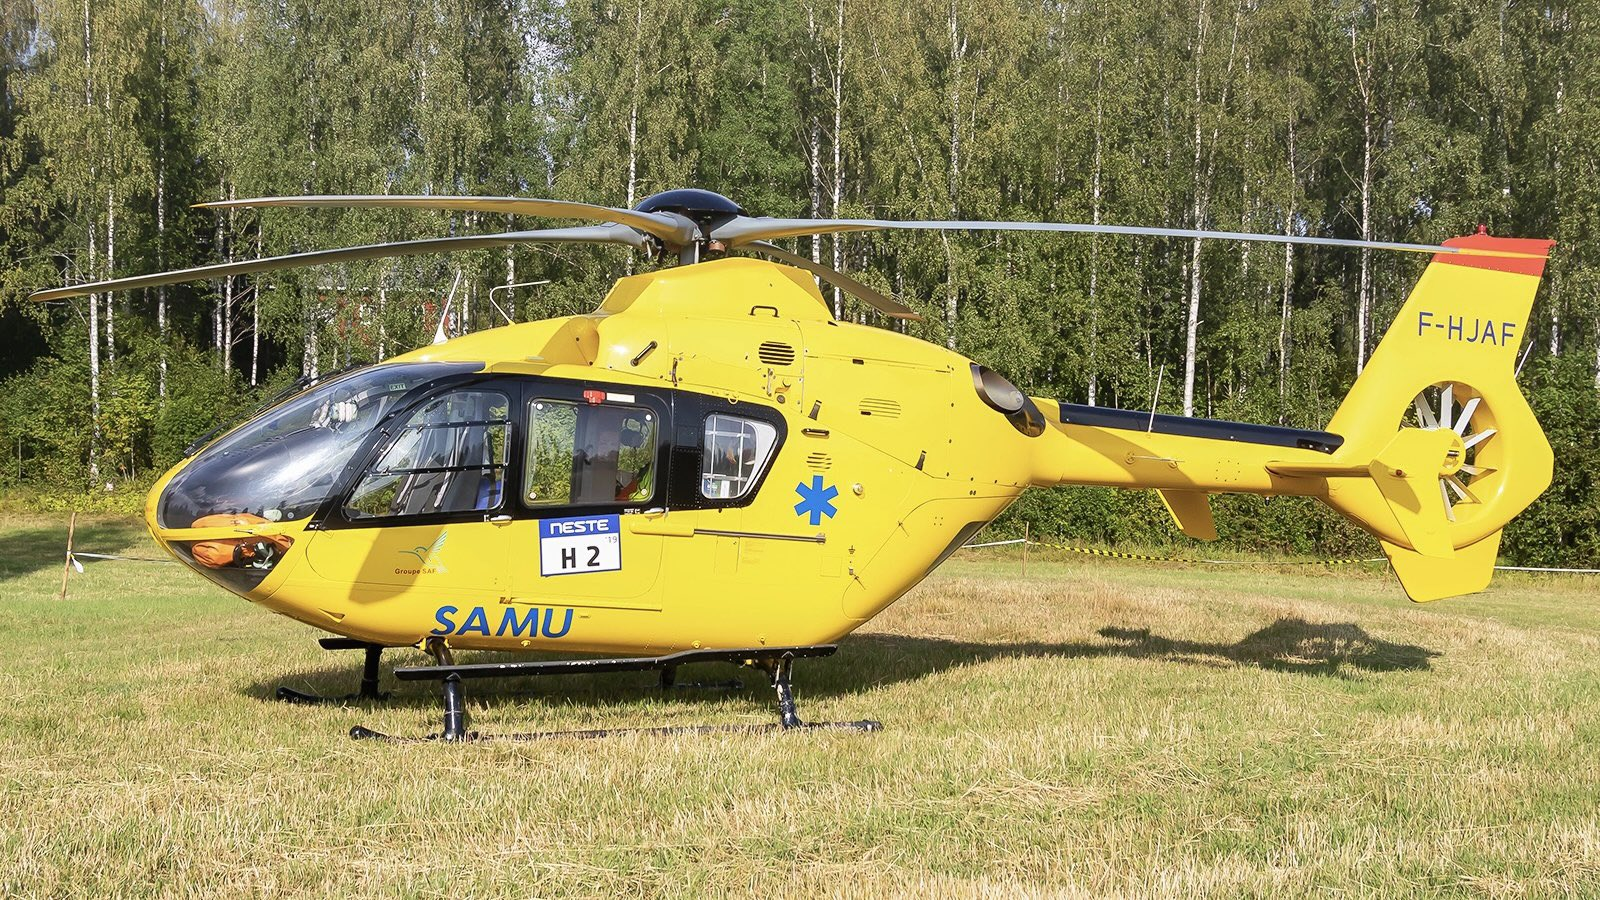 Savoie : un hélicoptère s'écrase en montagne, cinq morts et un blessé grave